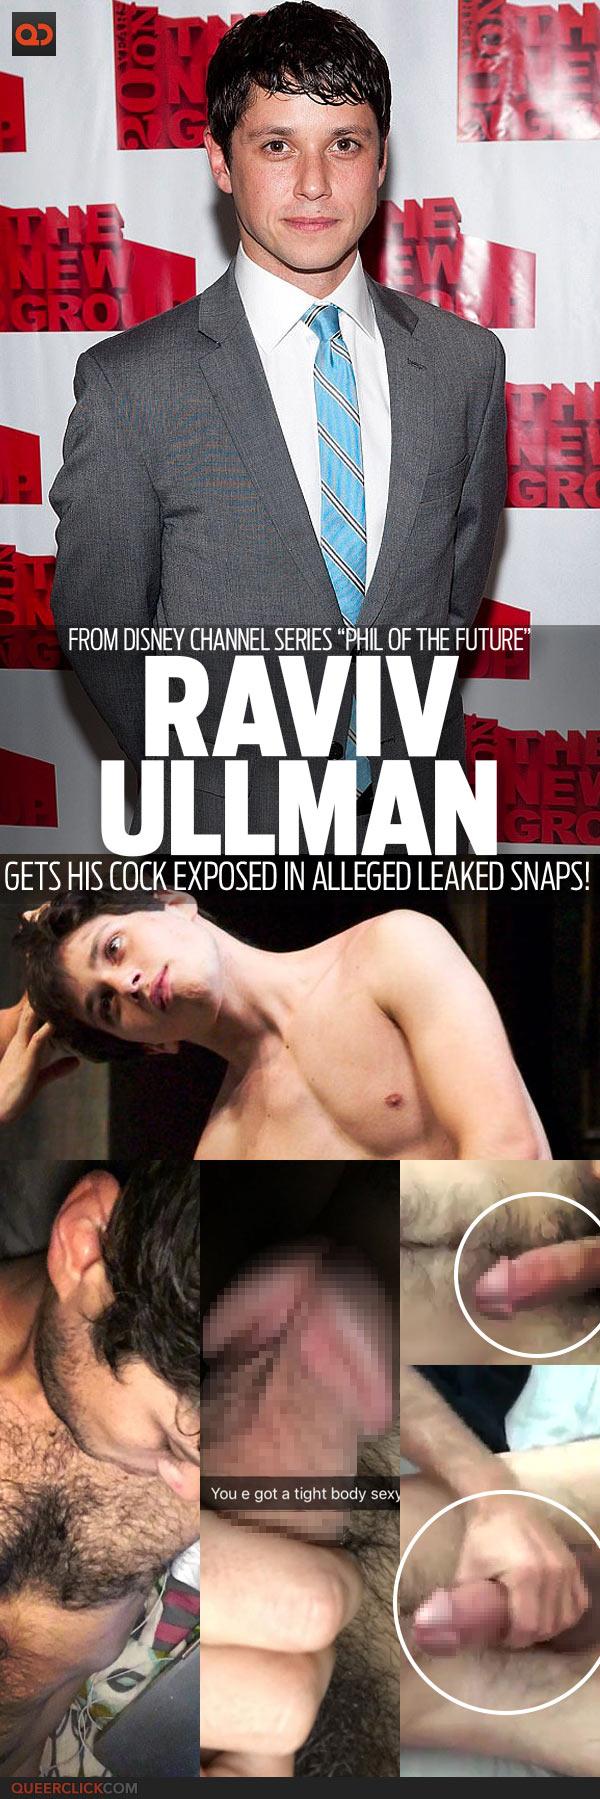 colleen ryan tv commercials nude